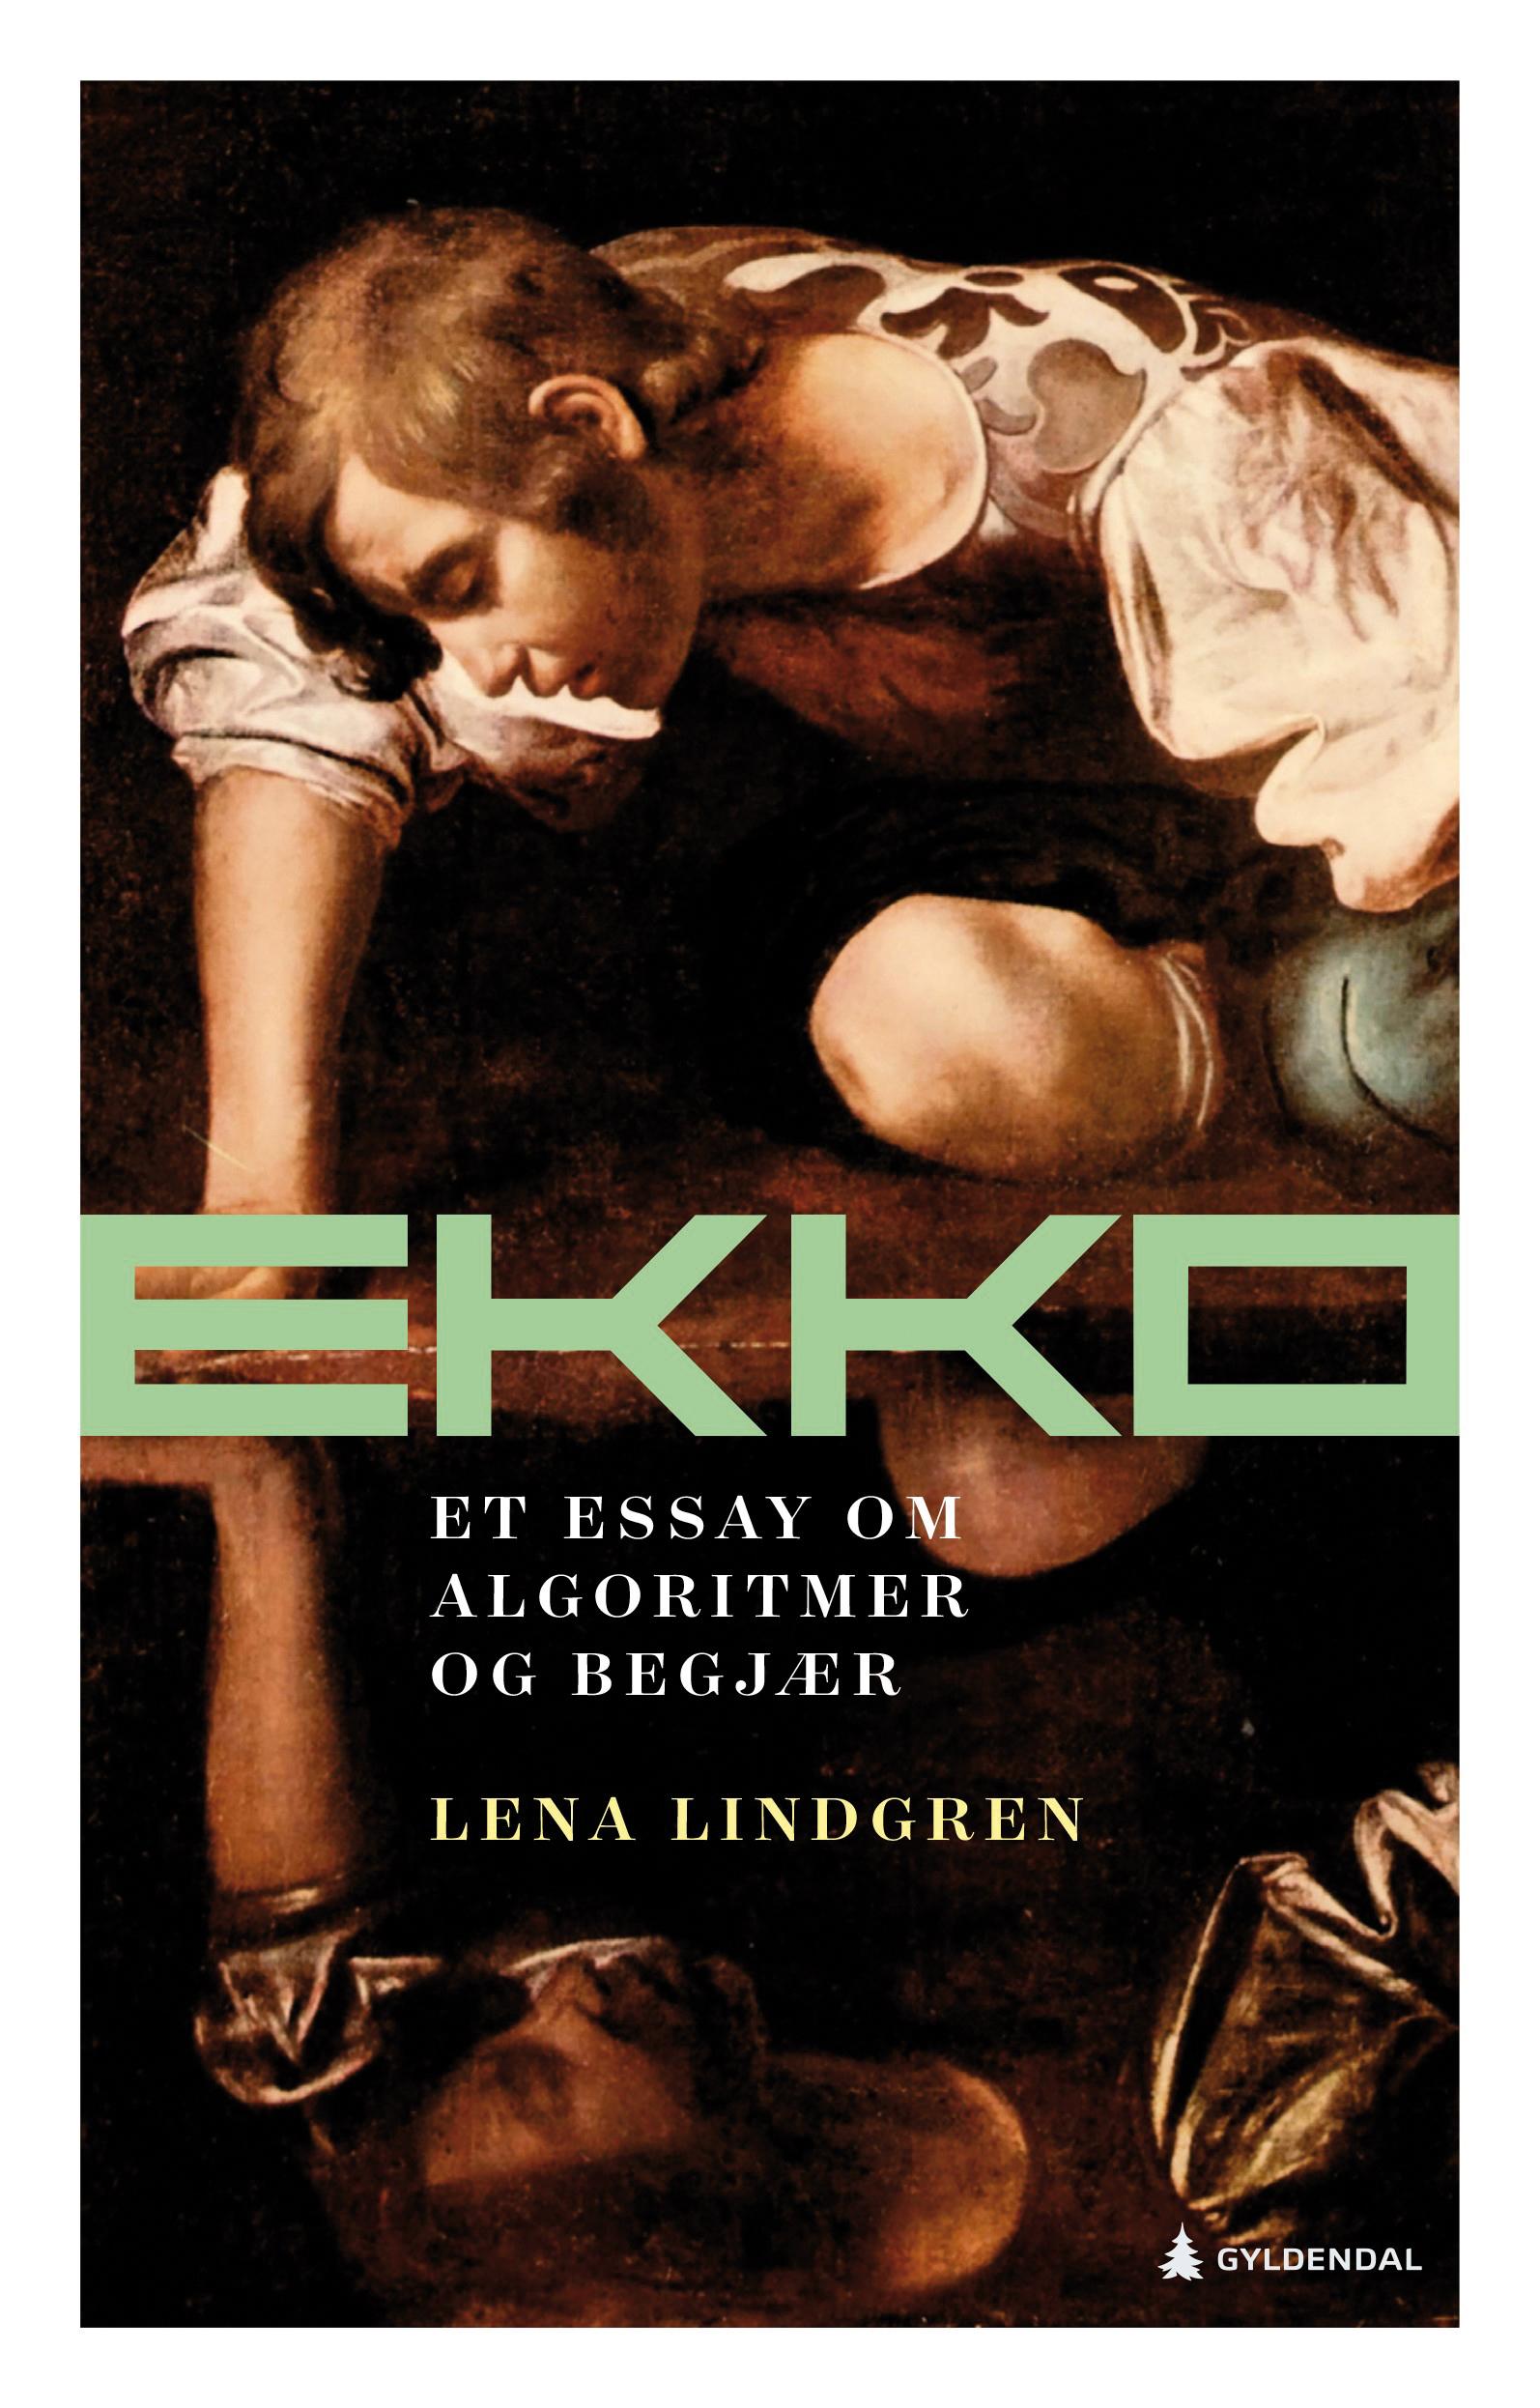 """""""Ekko - et essay om algoritmer og begjær"""" av Lena Lindgren"""